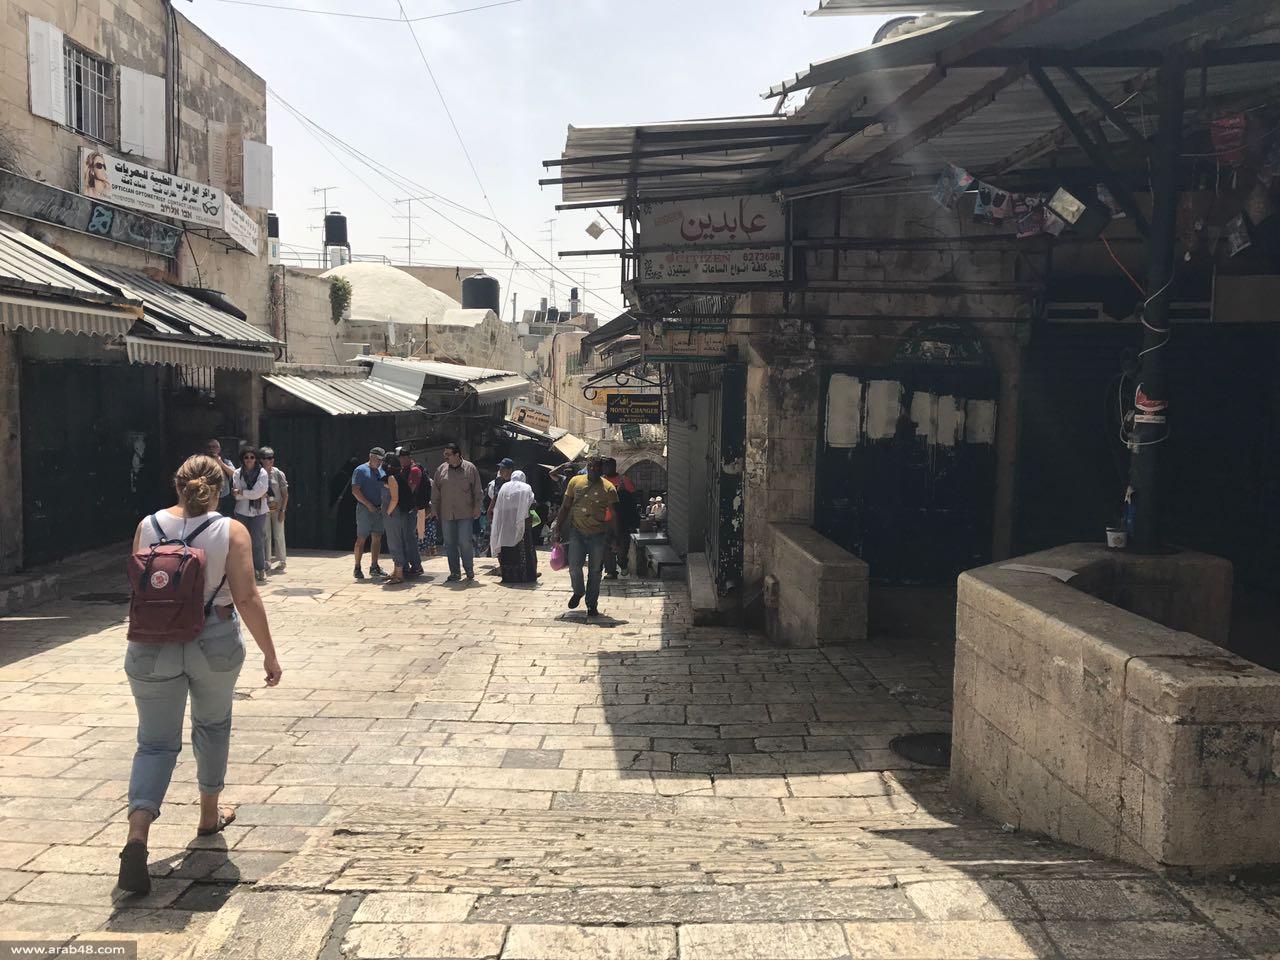 الإضراب يعم المدن الفلسطينية المحتلة إسنادا للأسرى